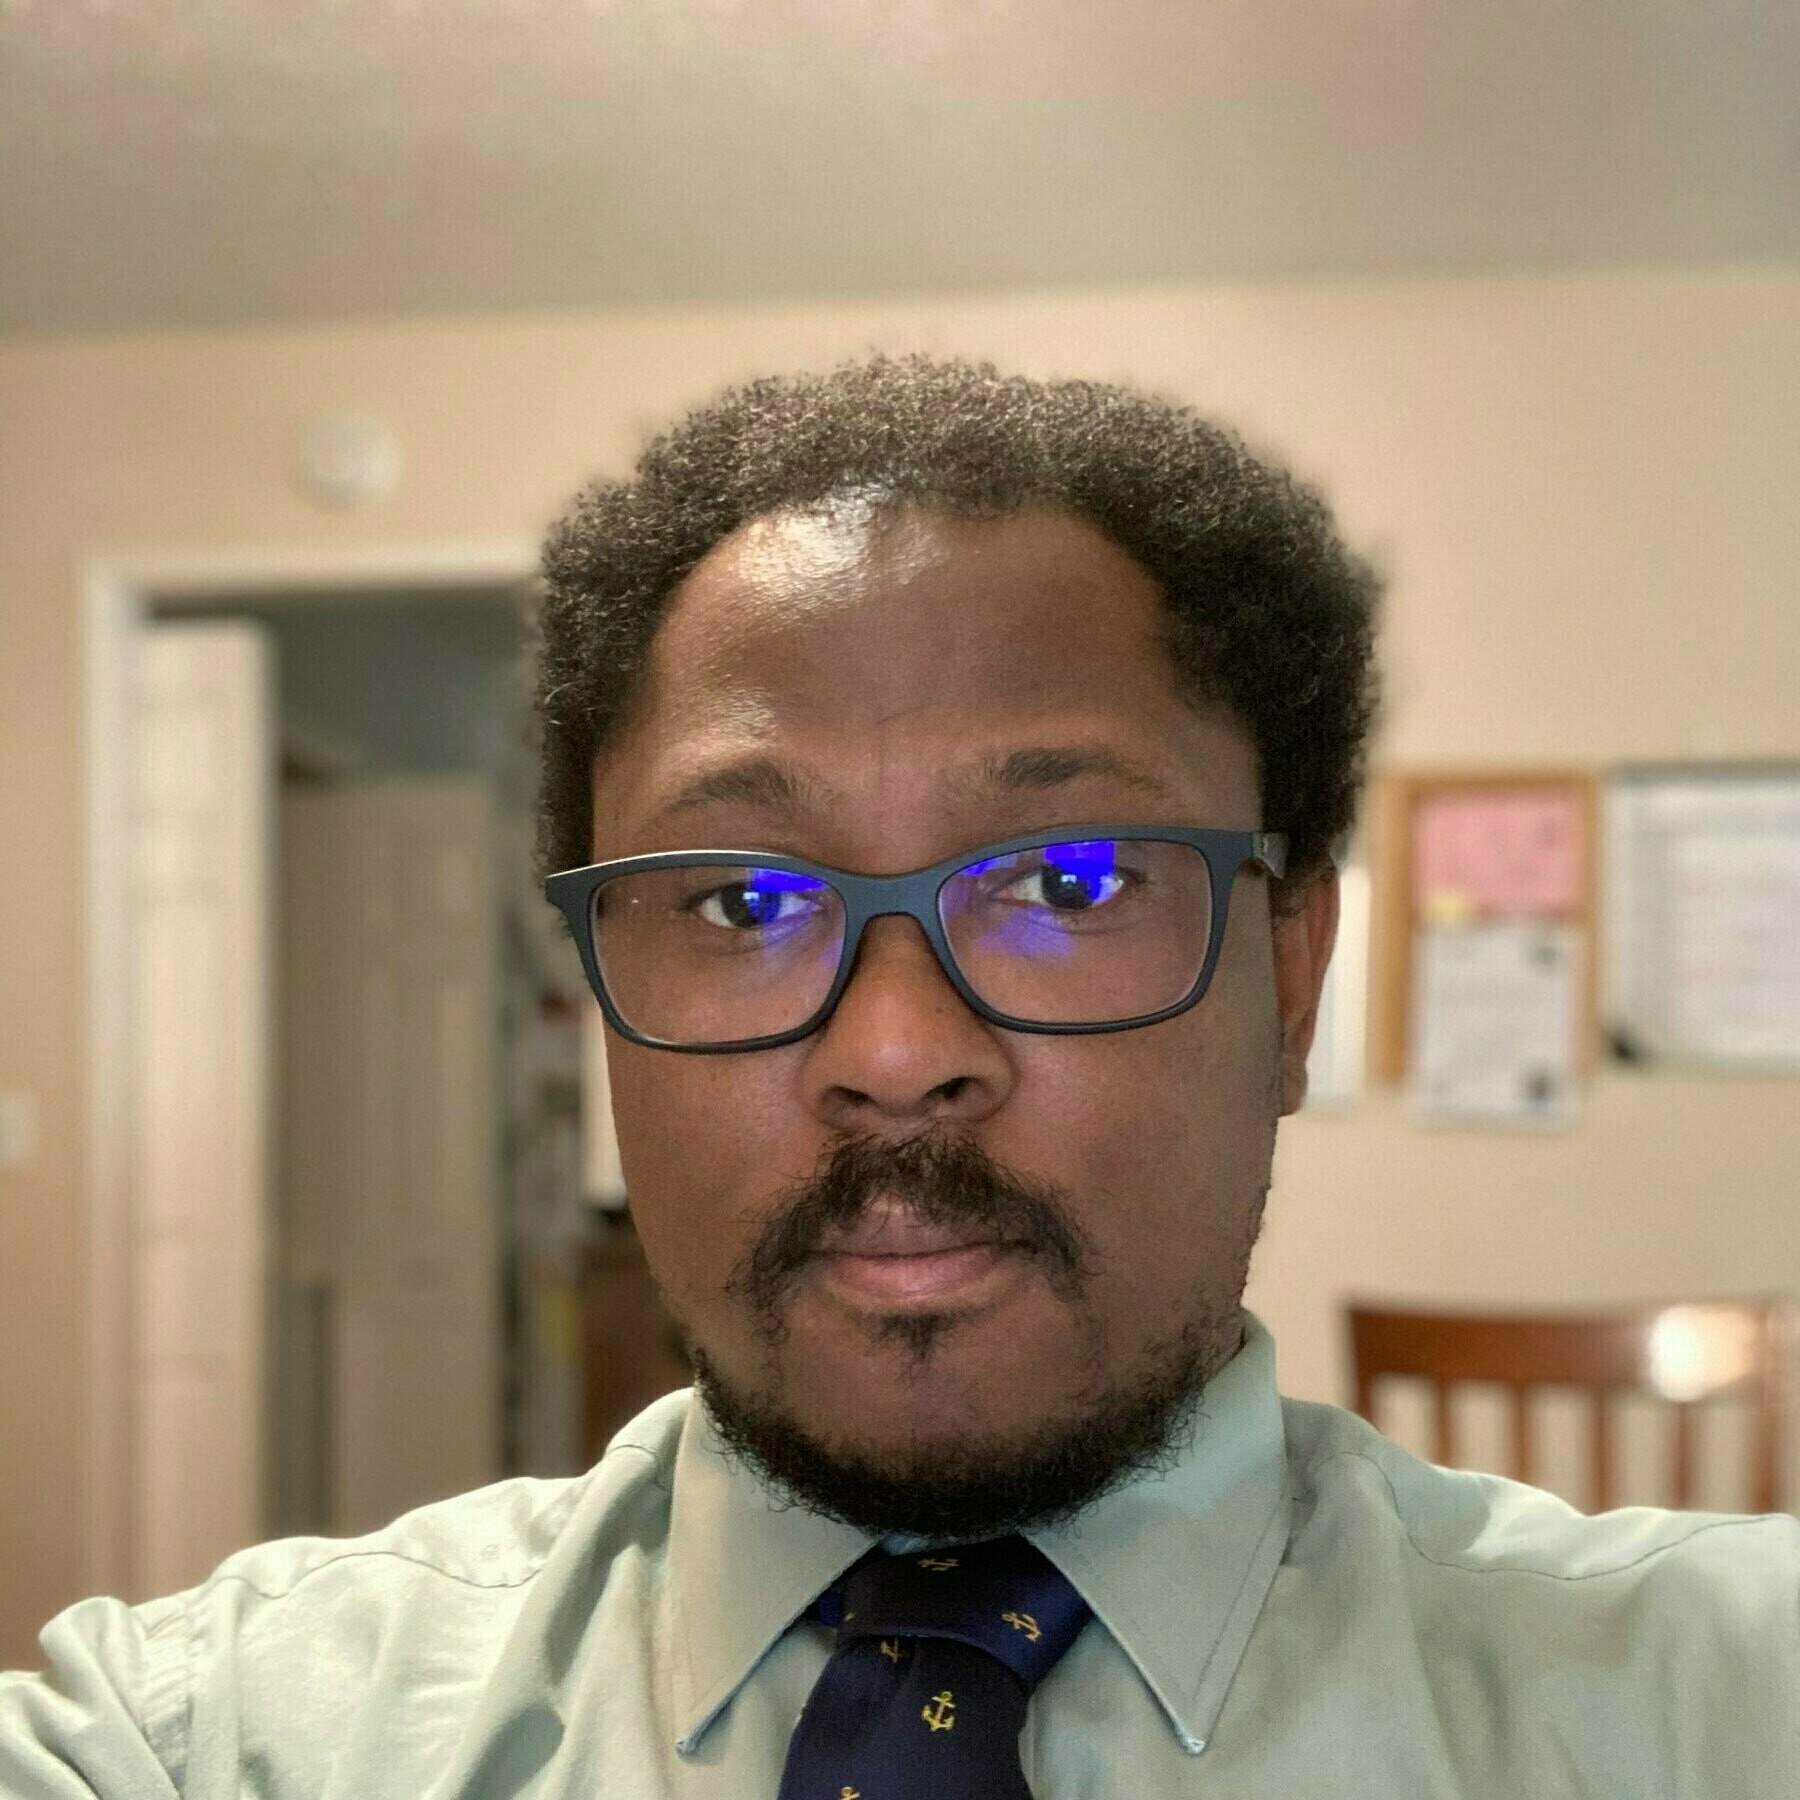 Me wearing a tie.